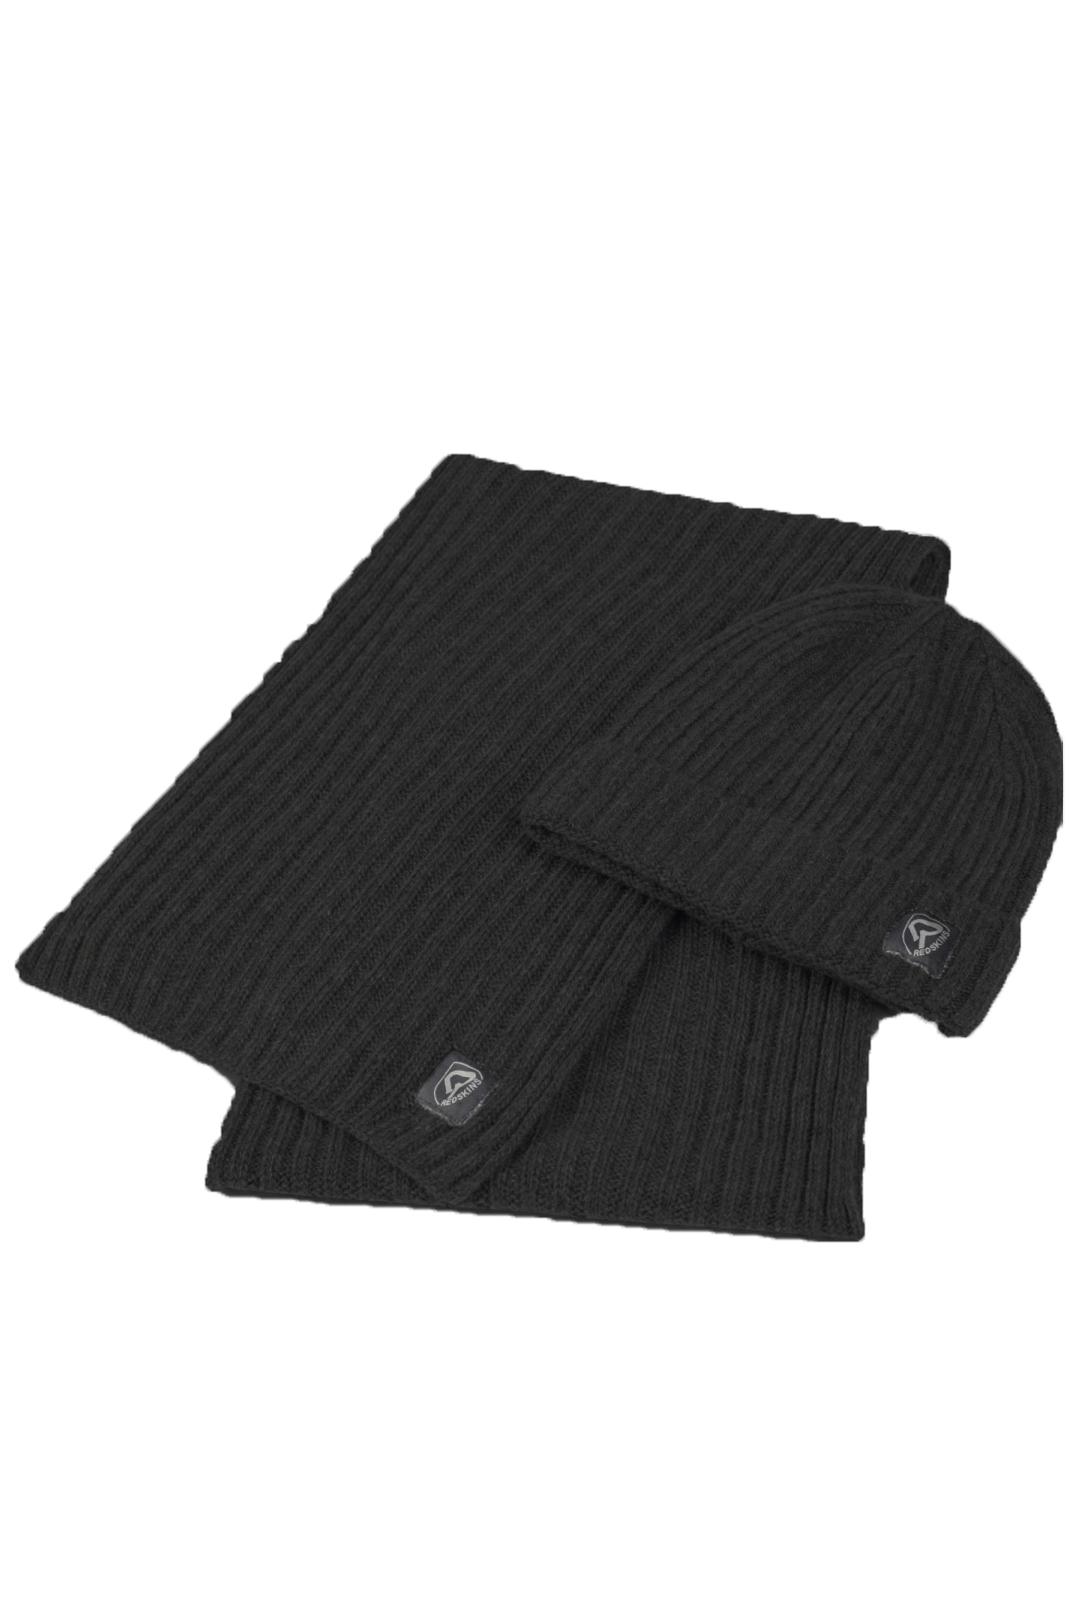 Bonnets / Casquettes  Redskins GRIZZ NOIR